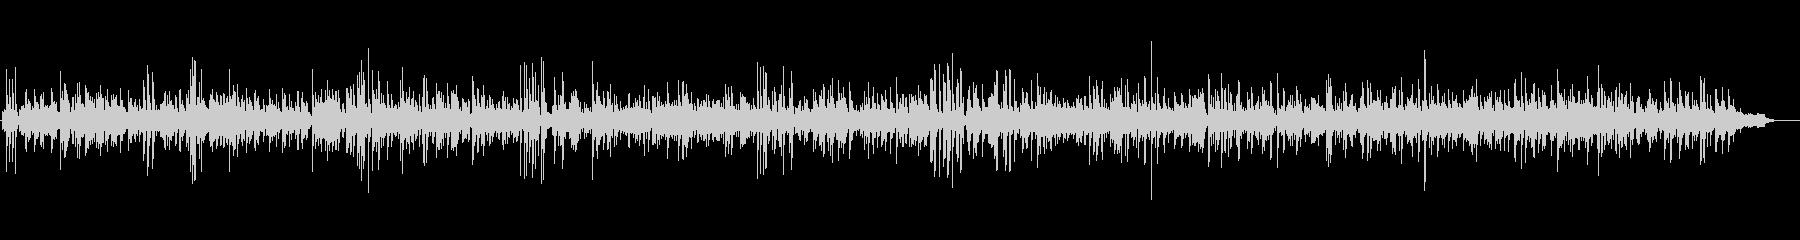 高級店で流れてそうなジャズピアノBGMの未再生の波形